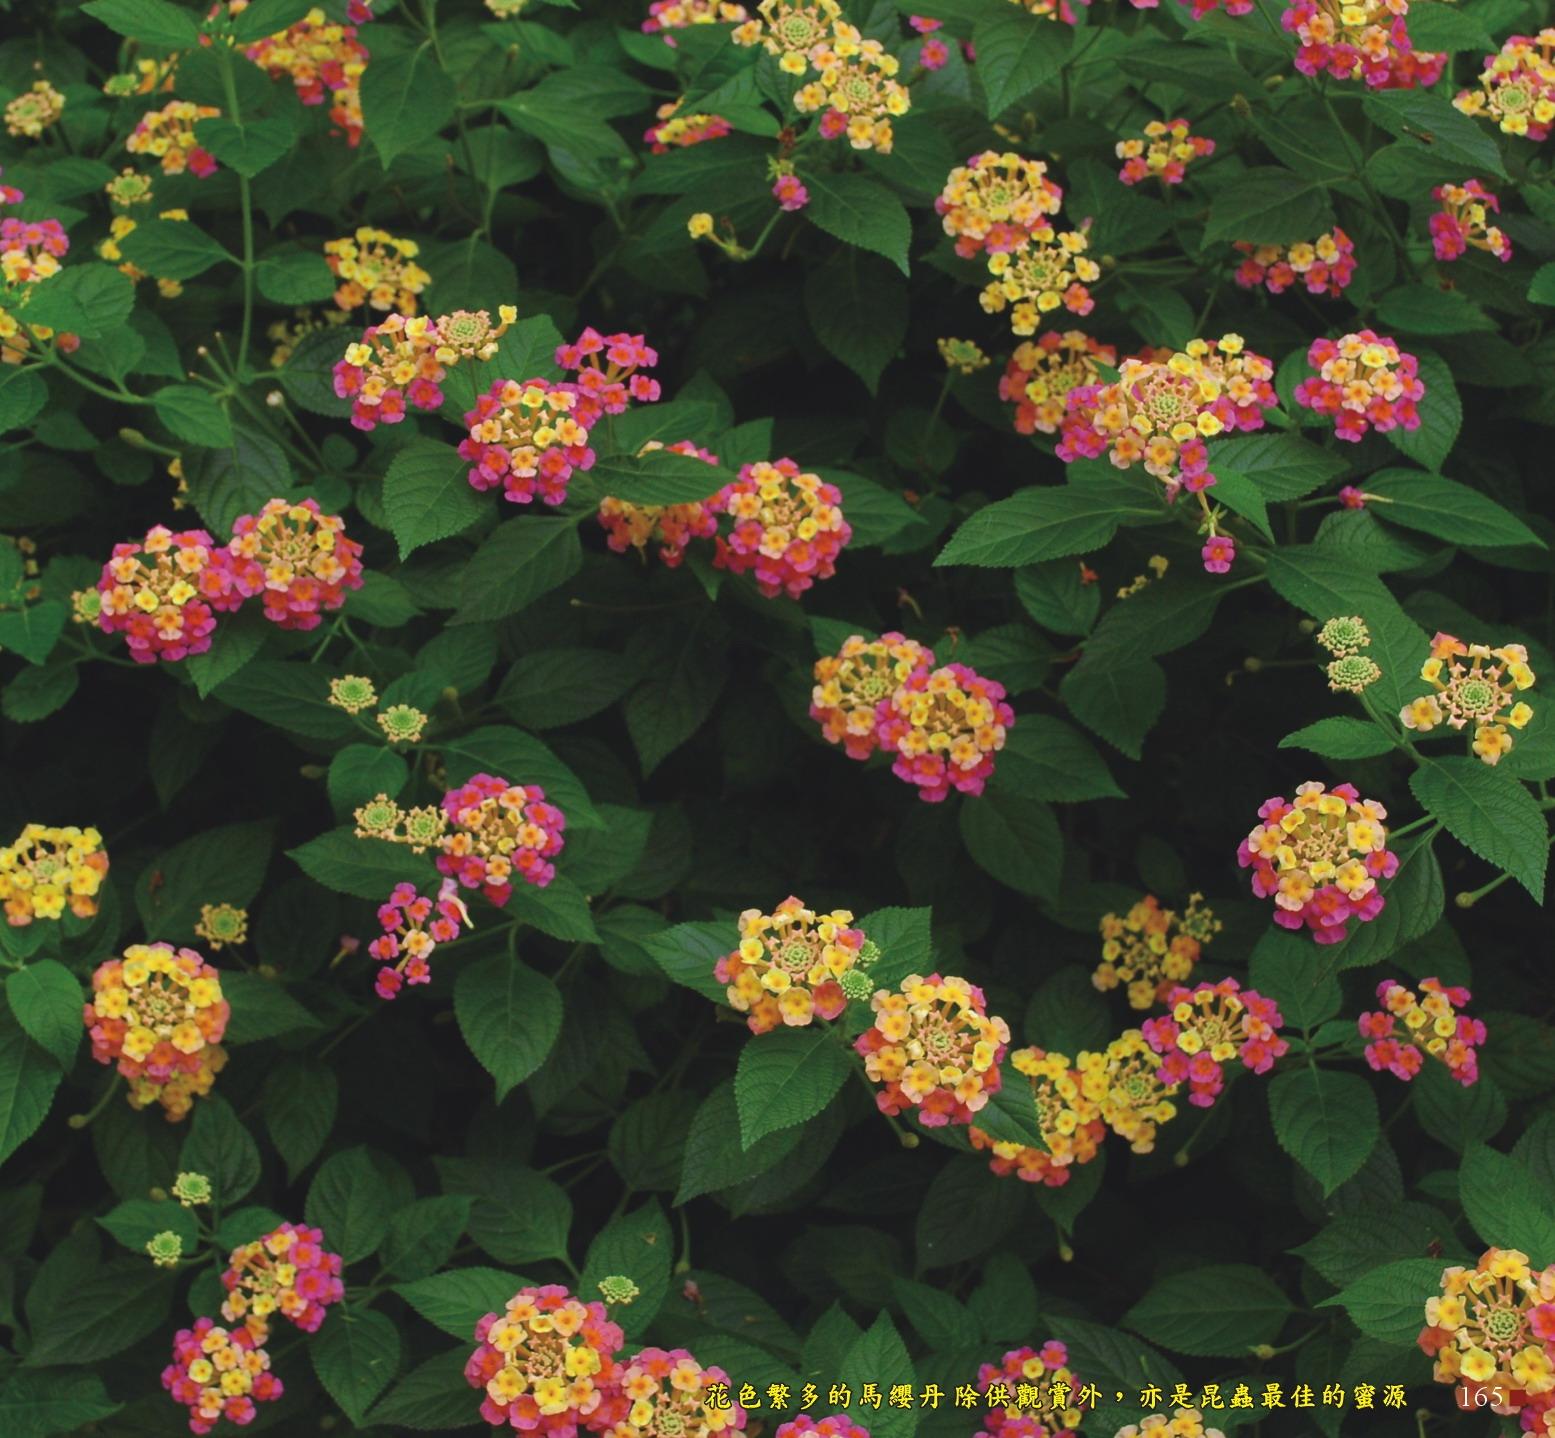 花色繁多的馬纓丹除供觀賞外,亦是昆蟲最佳的蜜源